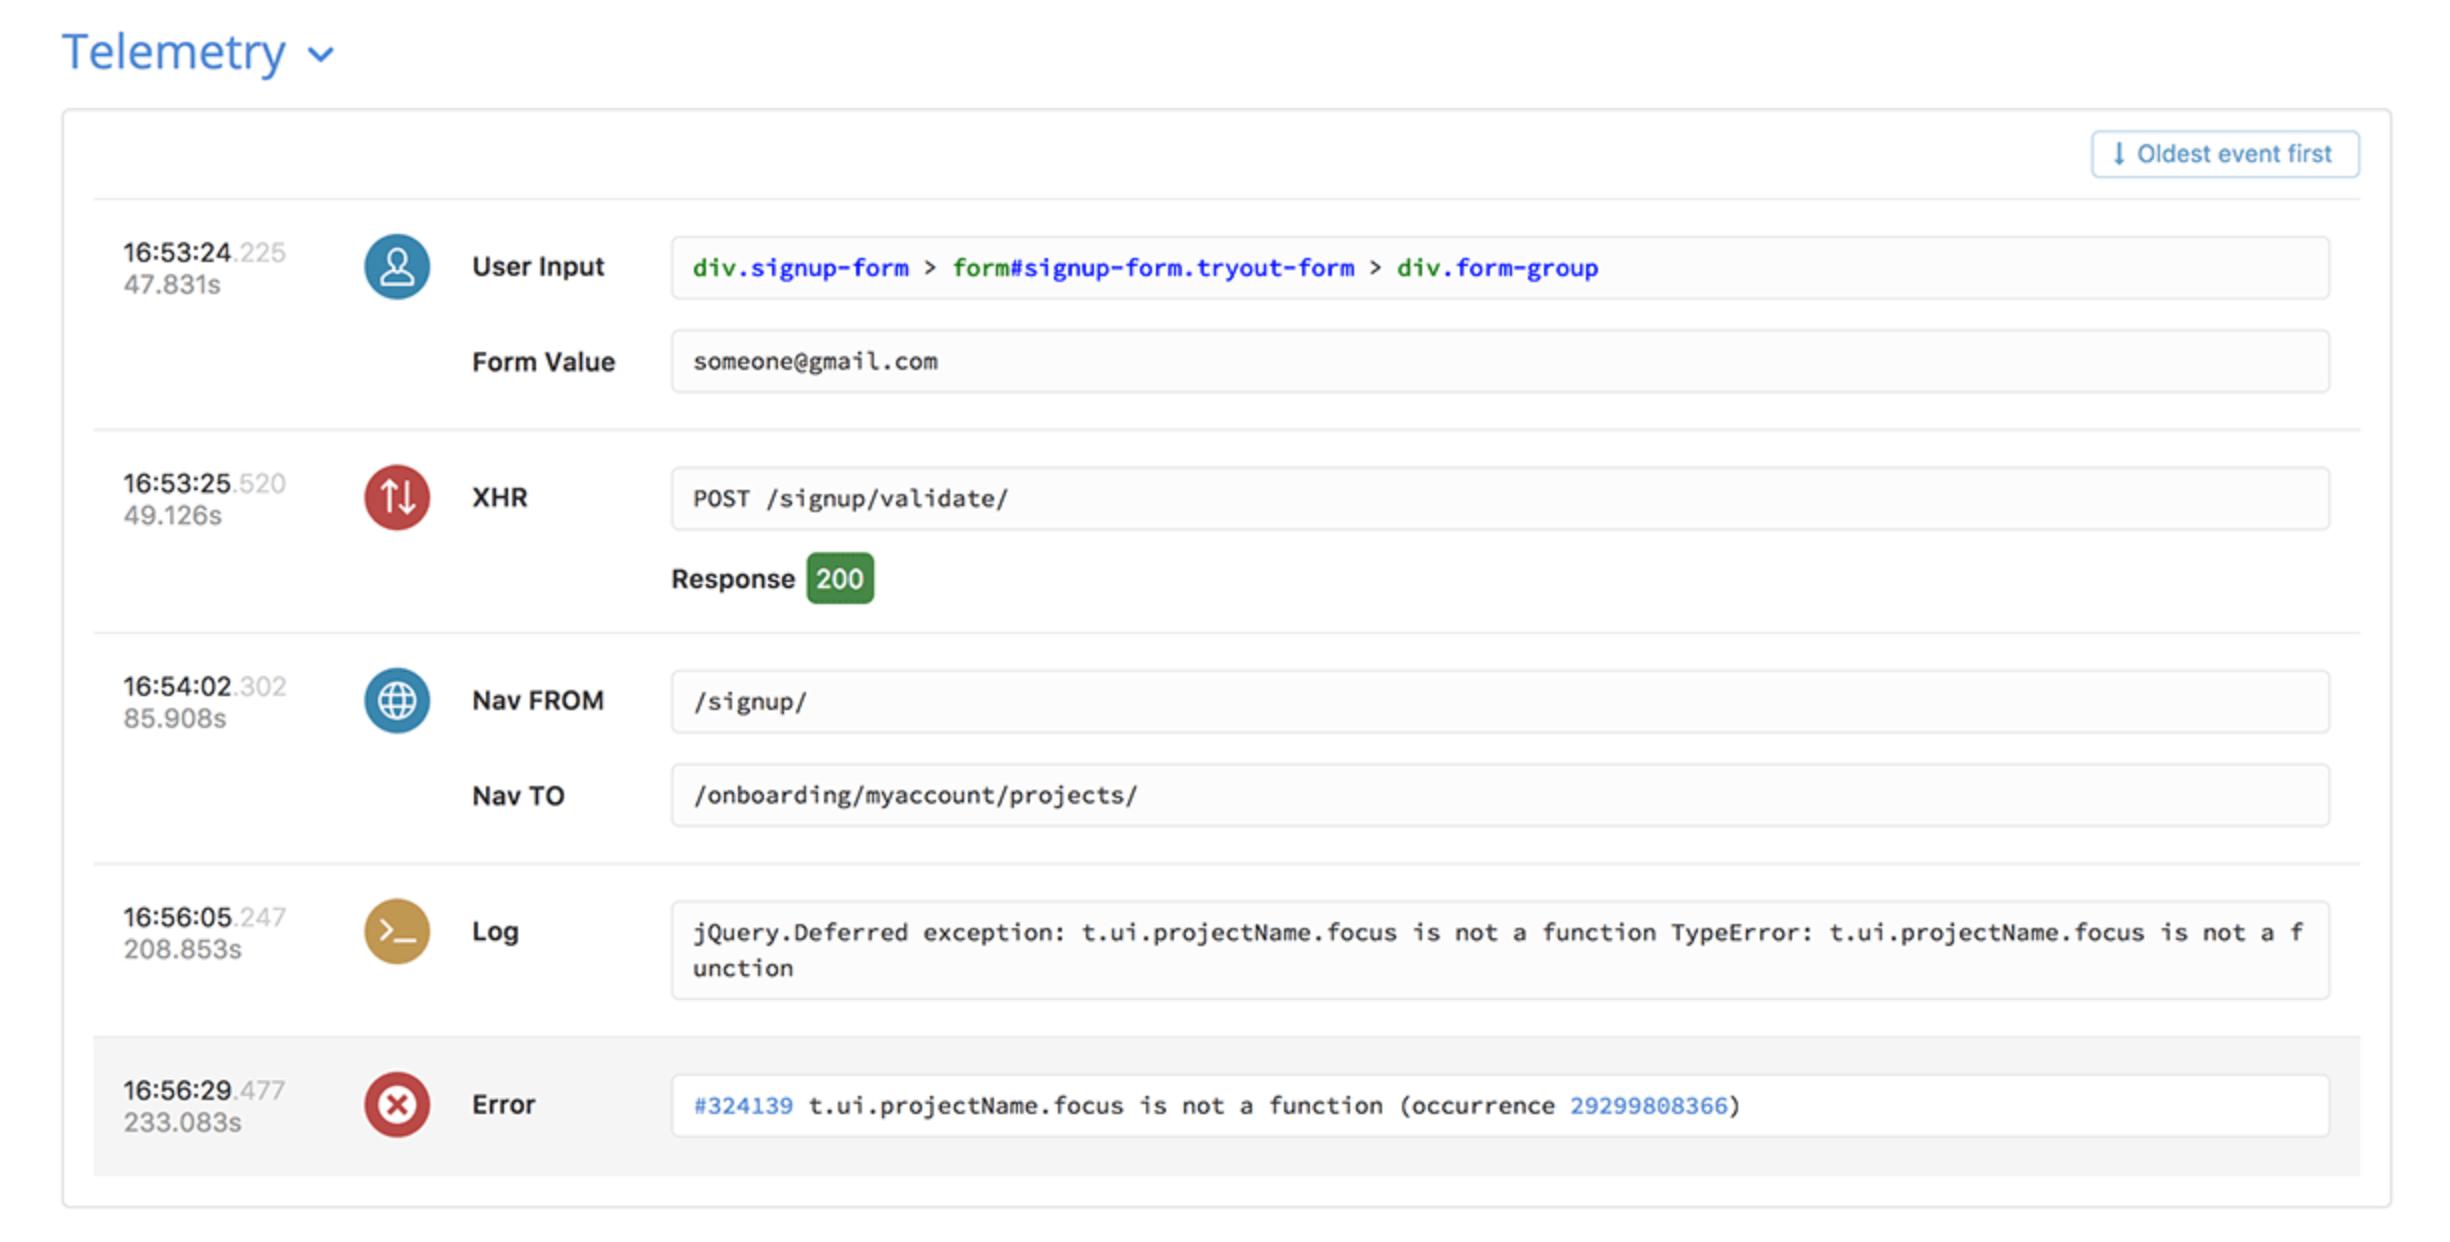 Angular Telemetry Data for Errors